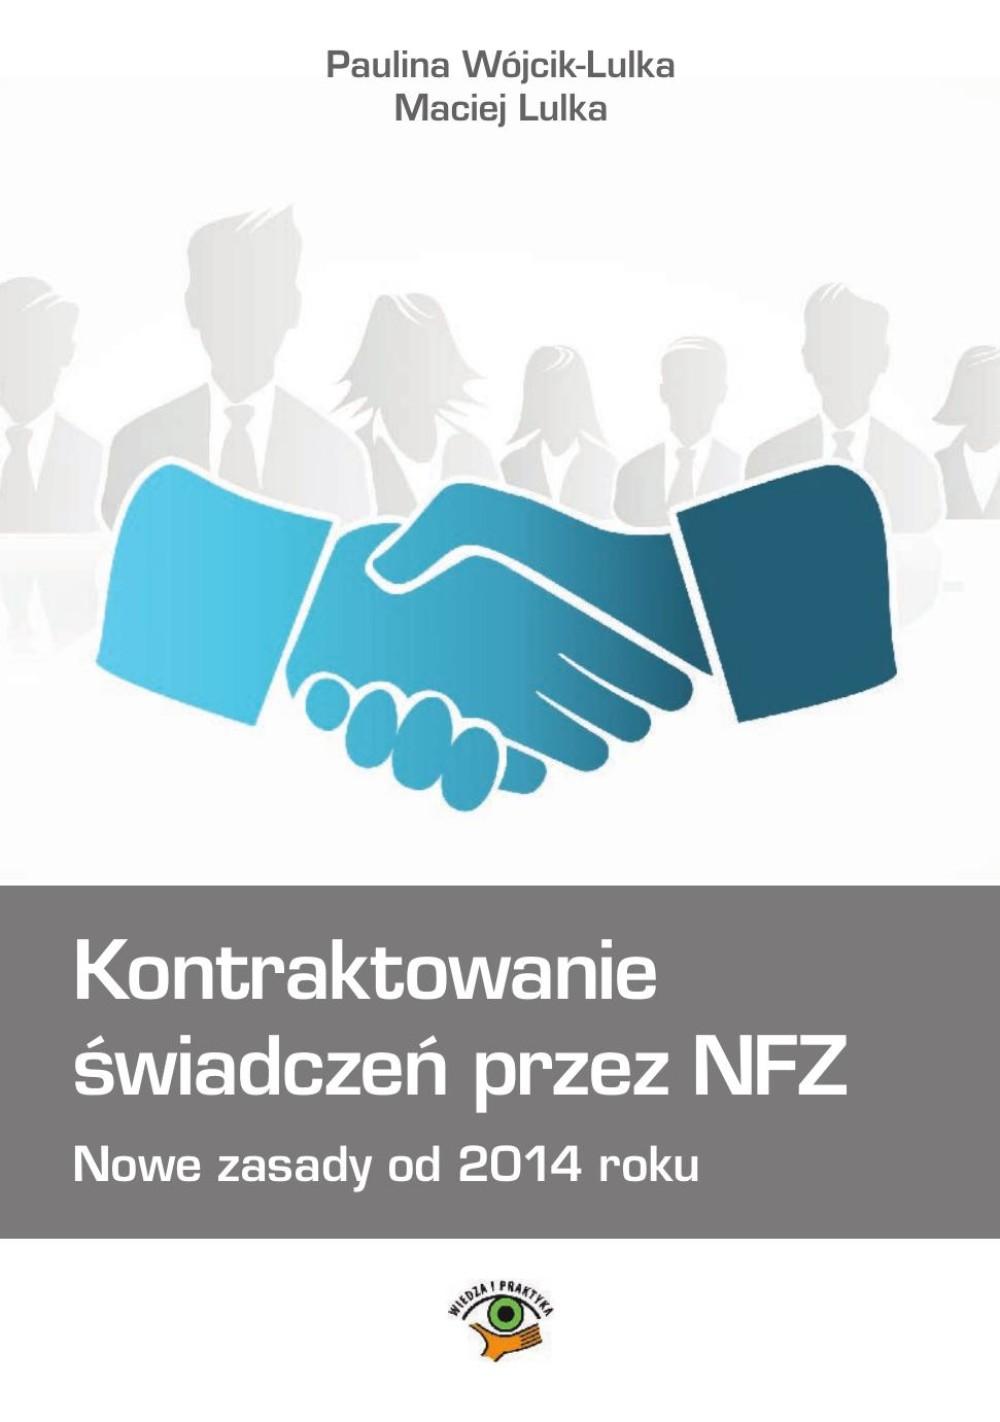 :: Kontraktowanie świadczeń przez NFZ. Nowe zasady od 2014 roku - ebook - pobierz e-book ::